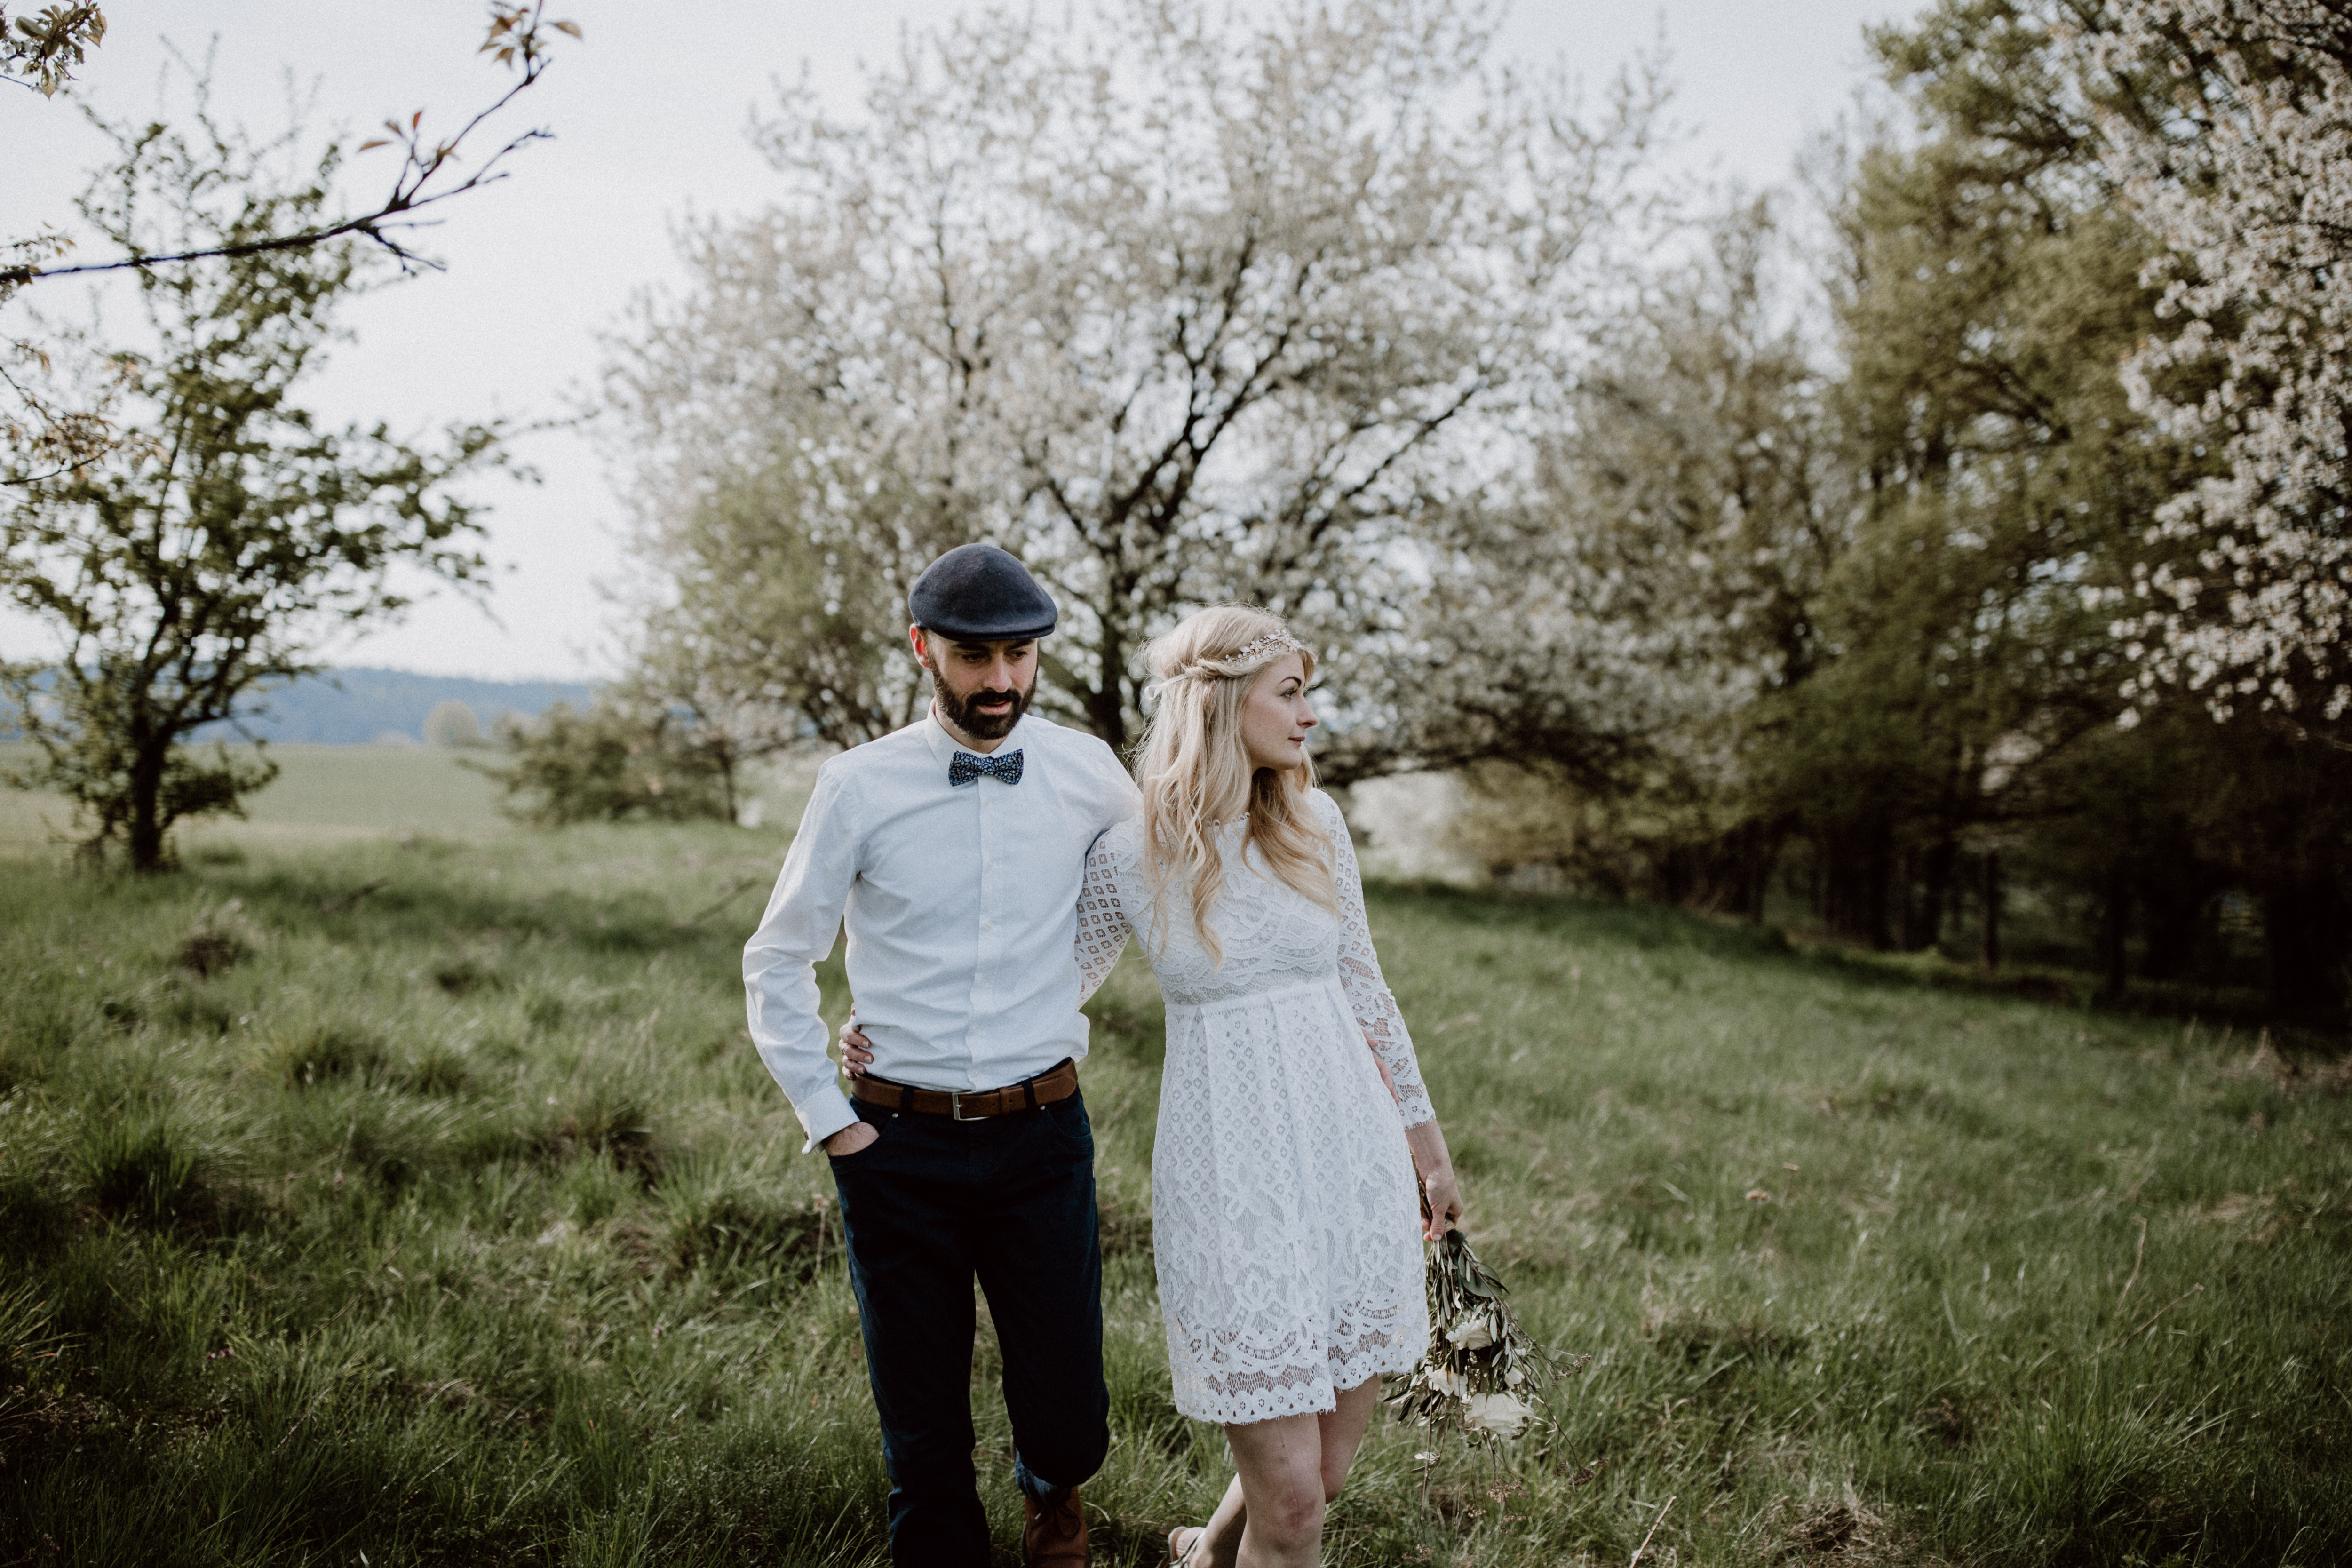 URBANERIE_Daniela_Goth_Hochzeitsfotografin_Nürnberg_Fürth_Erlangen_Schwabach_170415_001_0034